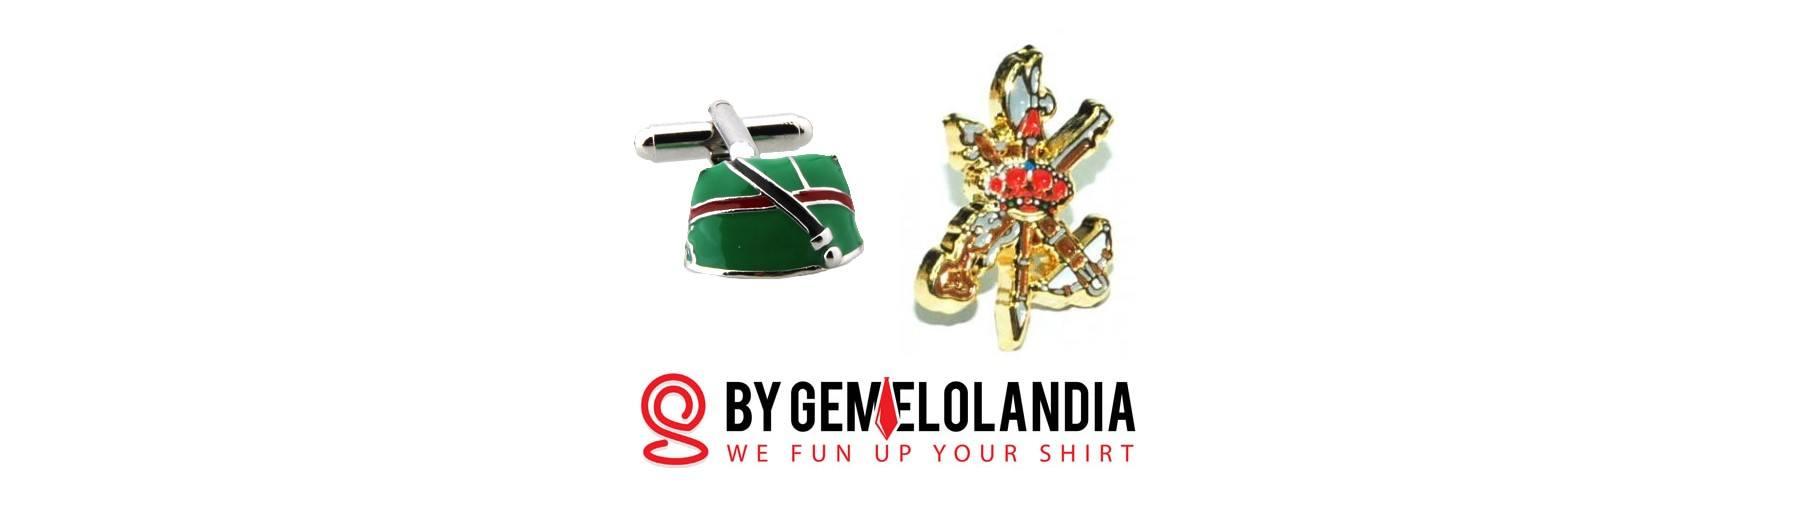 En Gemelolandia reconocemos, agradecemos y celebramos la labor de la Legión Española (y del resto de los cuerpos de nuestros Ejércitos). Gemelolandia - Gemelos para camisas - Gemelos Chapiri legionario - Gemelos escudo Legión Española - Tercio - Gemelos Legión